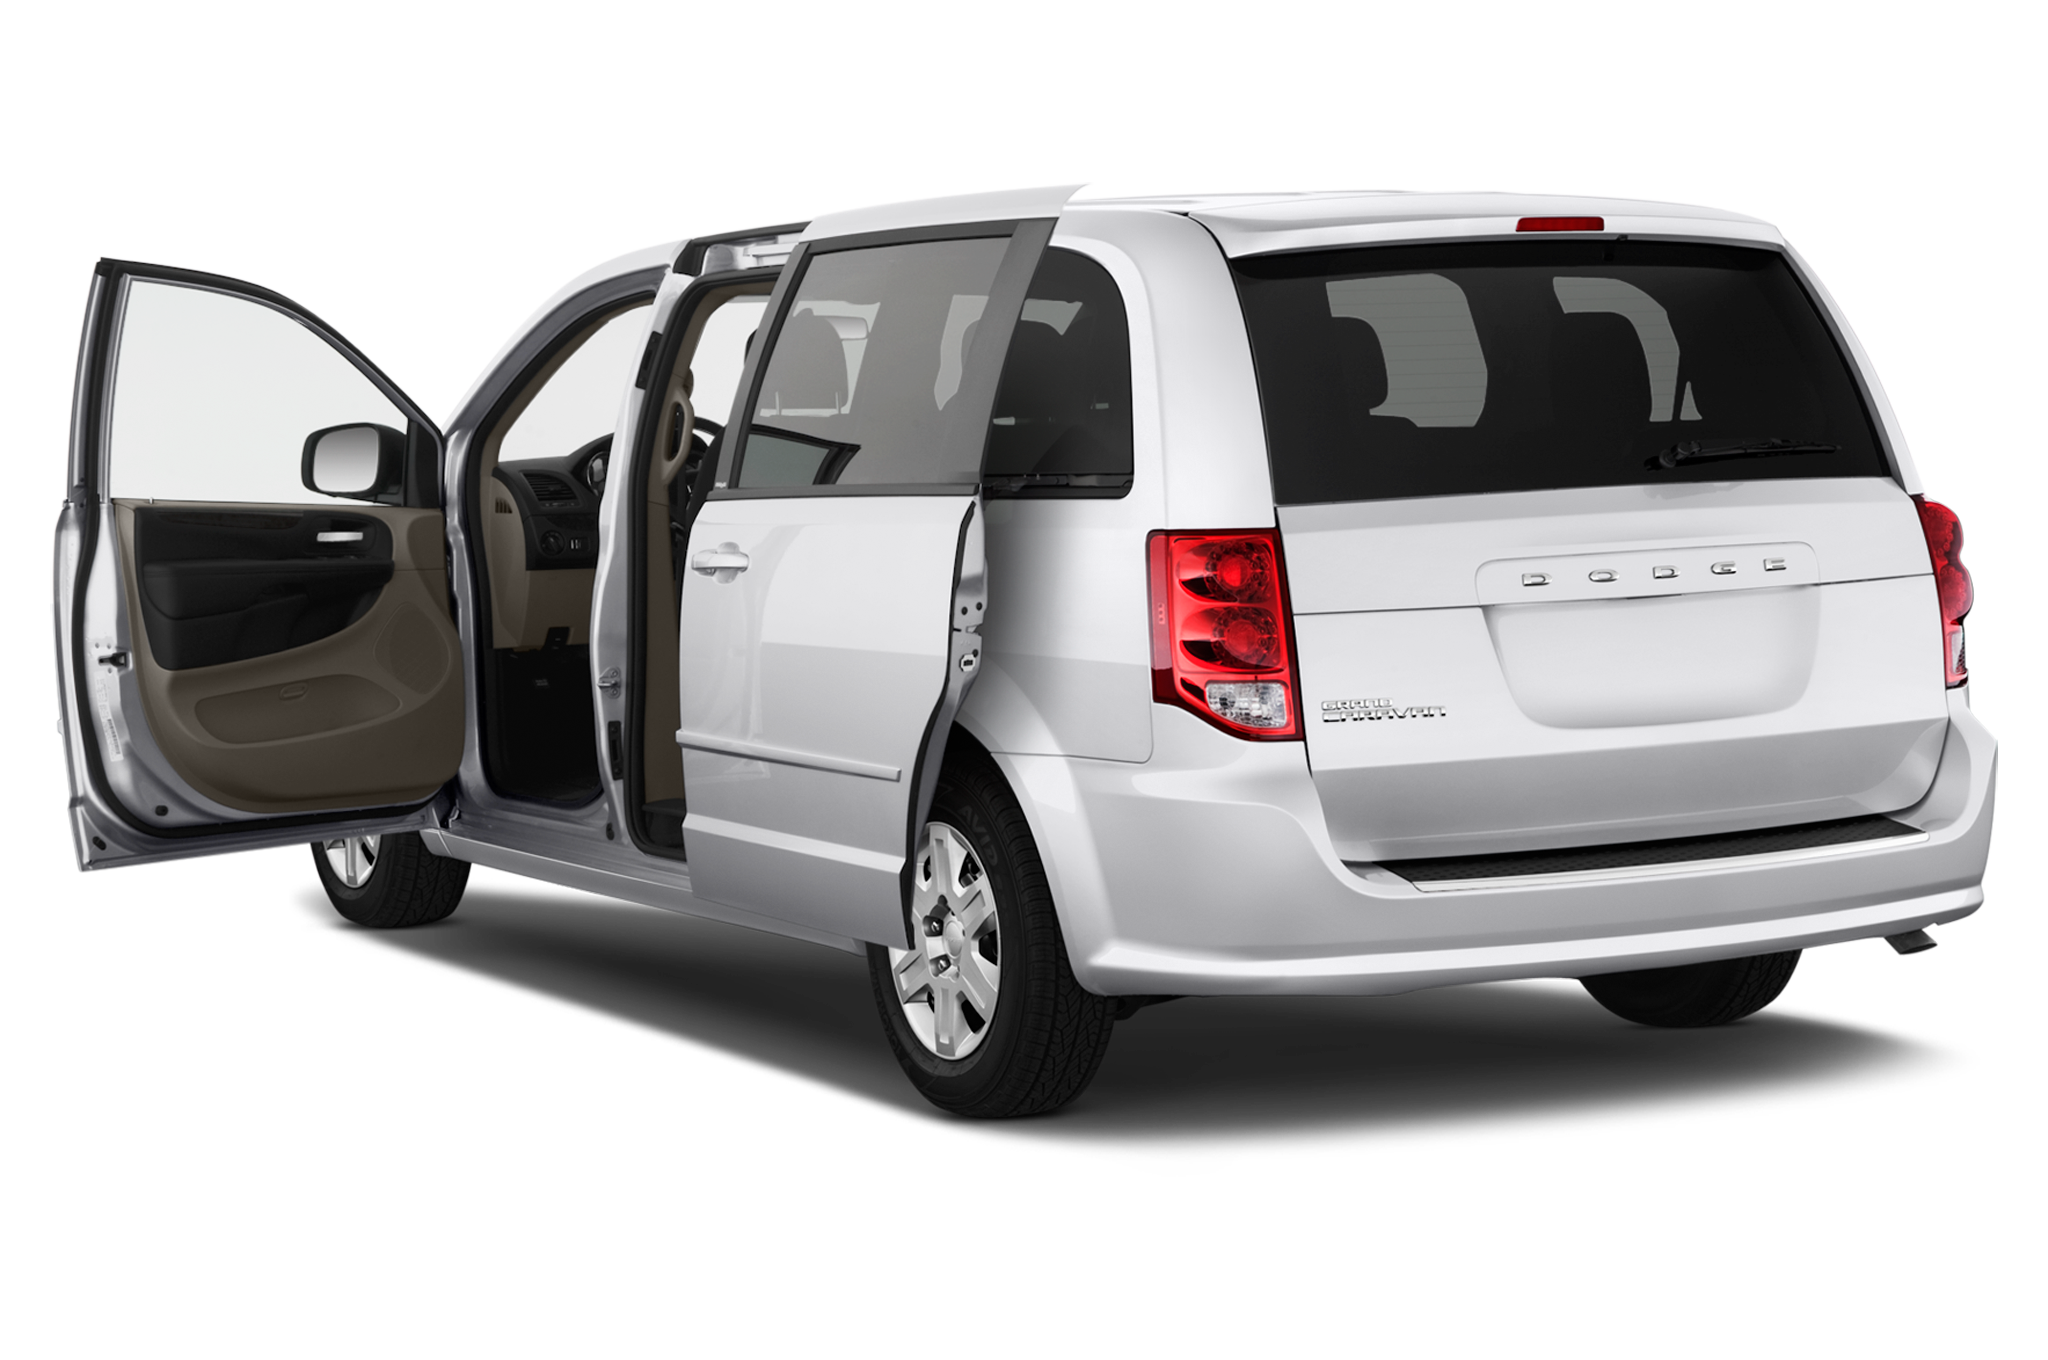 Ram brand debuts grand. Minivan clipart van cargo